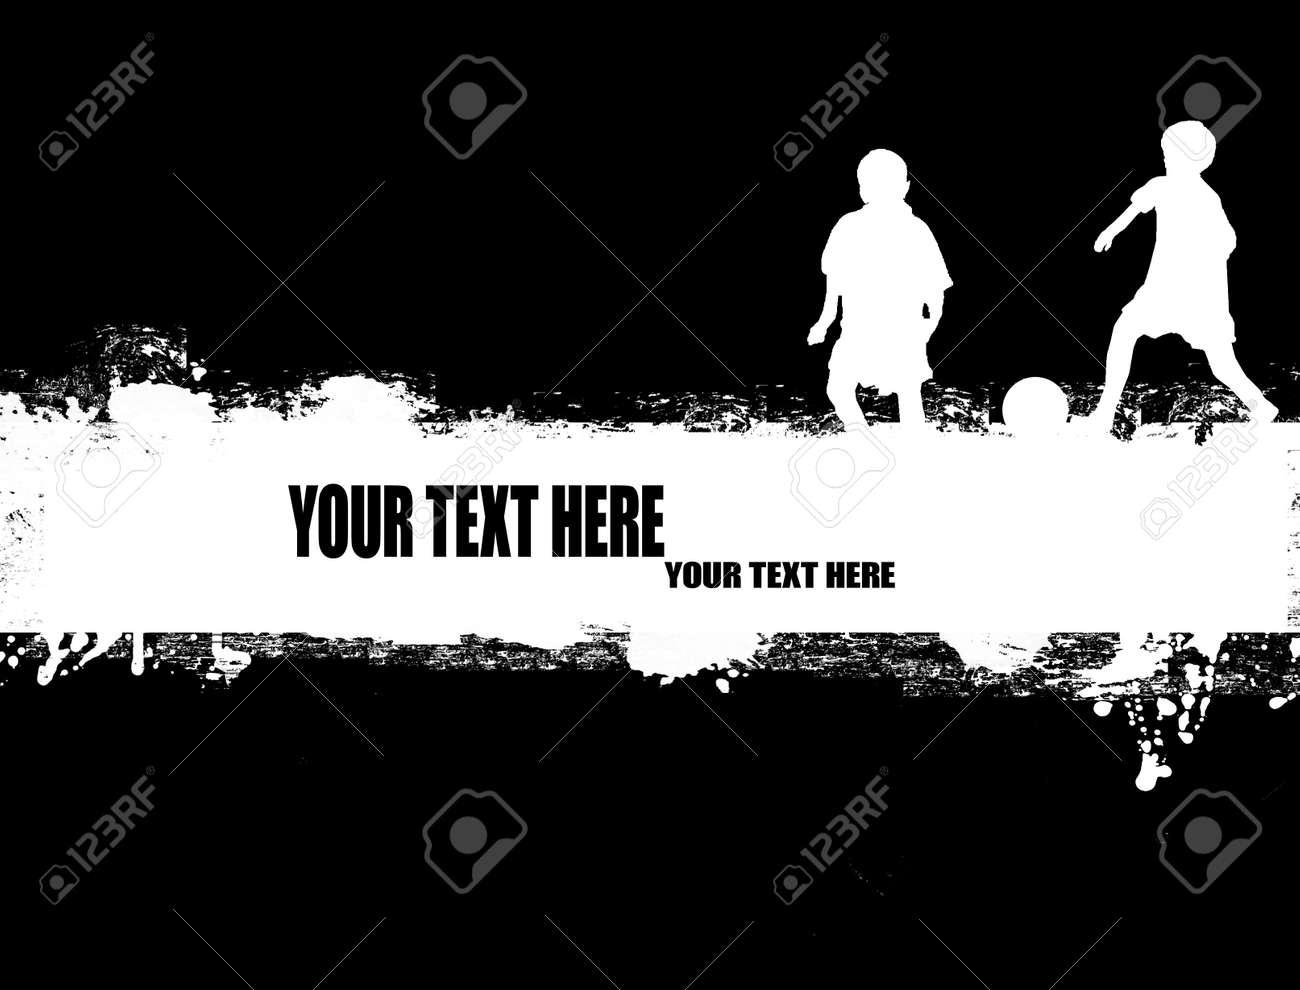 Grunge soccer poster on black and white illustration stock vector 11536171